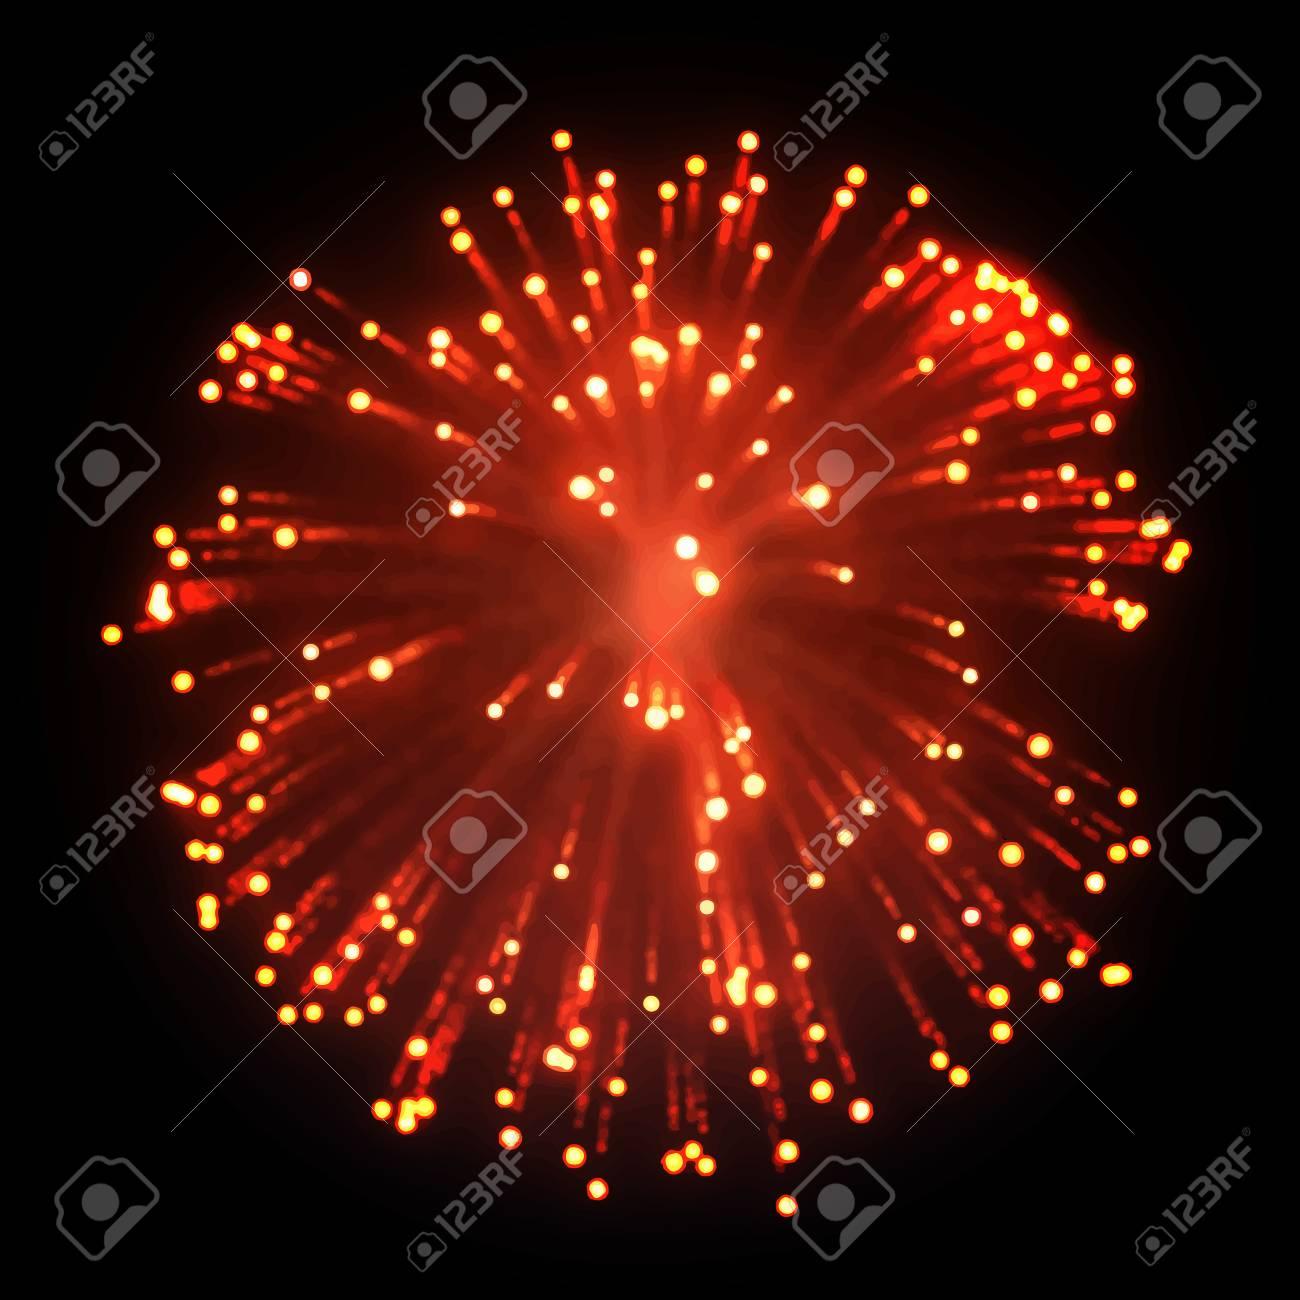 Firework EPS10 Vector - 51749640